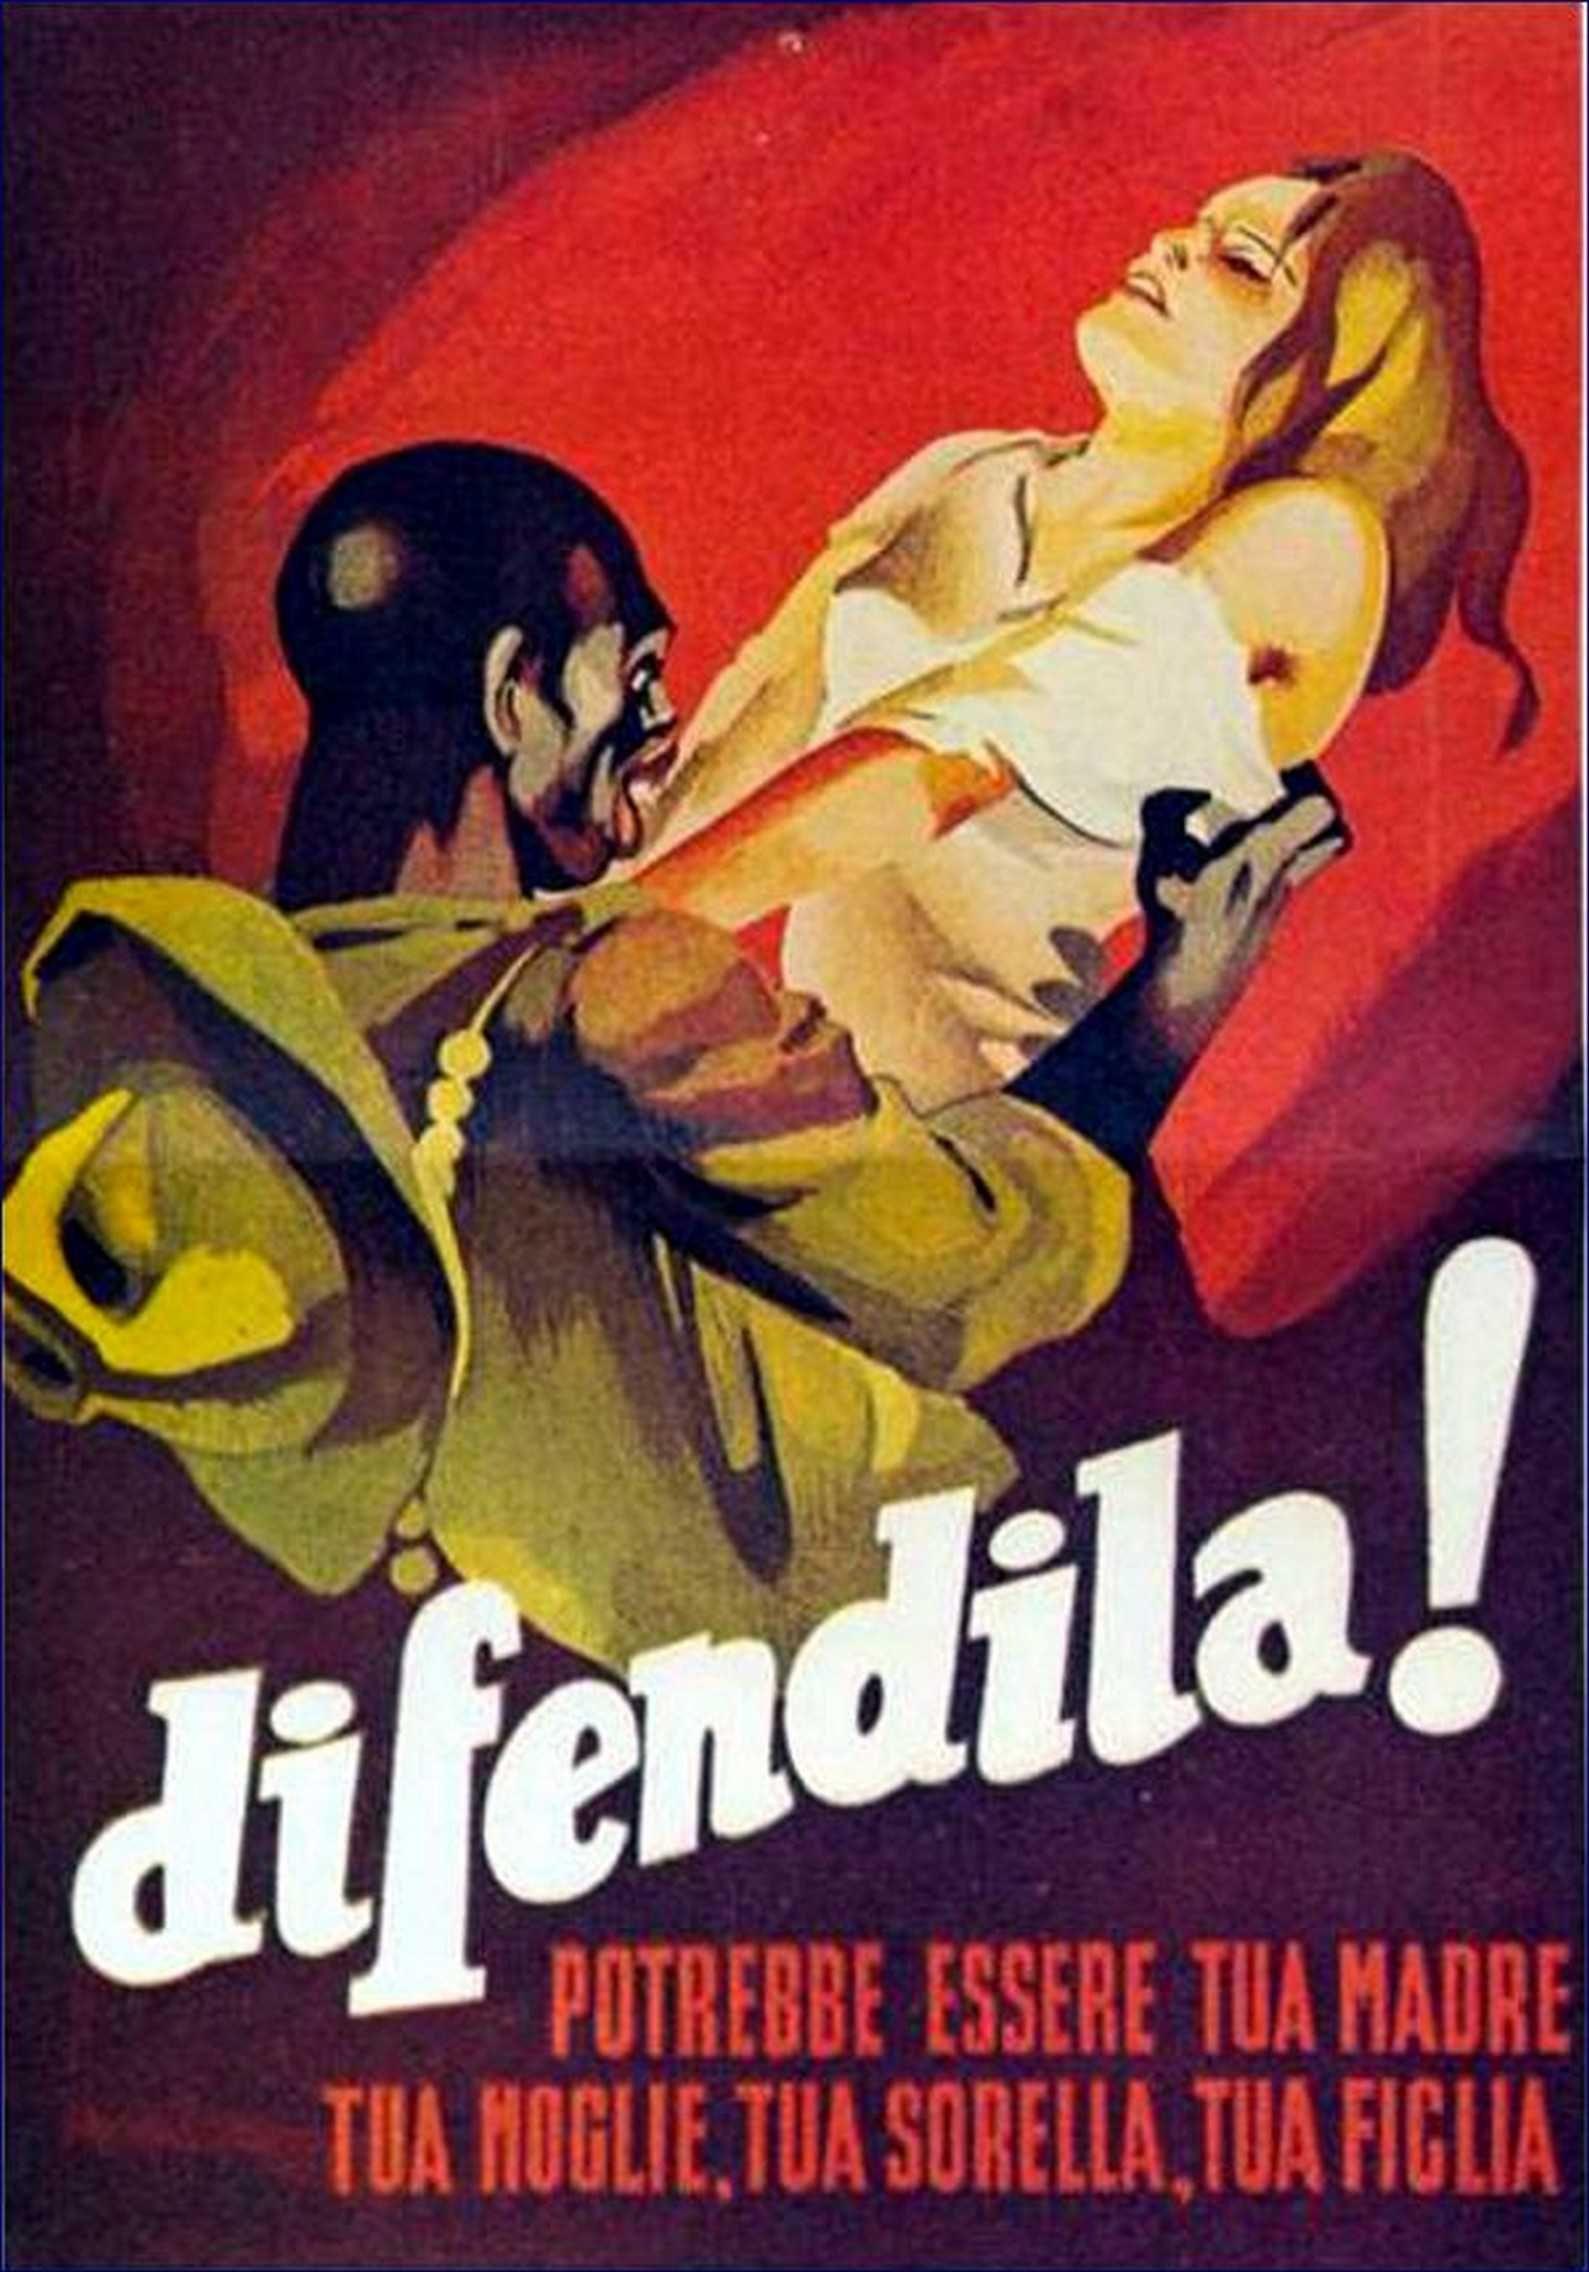 1944 difendila! Potrebbe Essere Tua Madre Tua Moglie, Tua Sorella, Tua Figlia